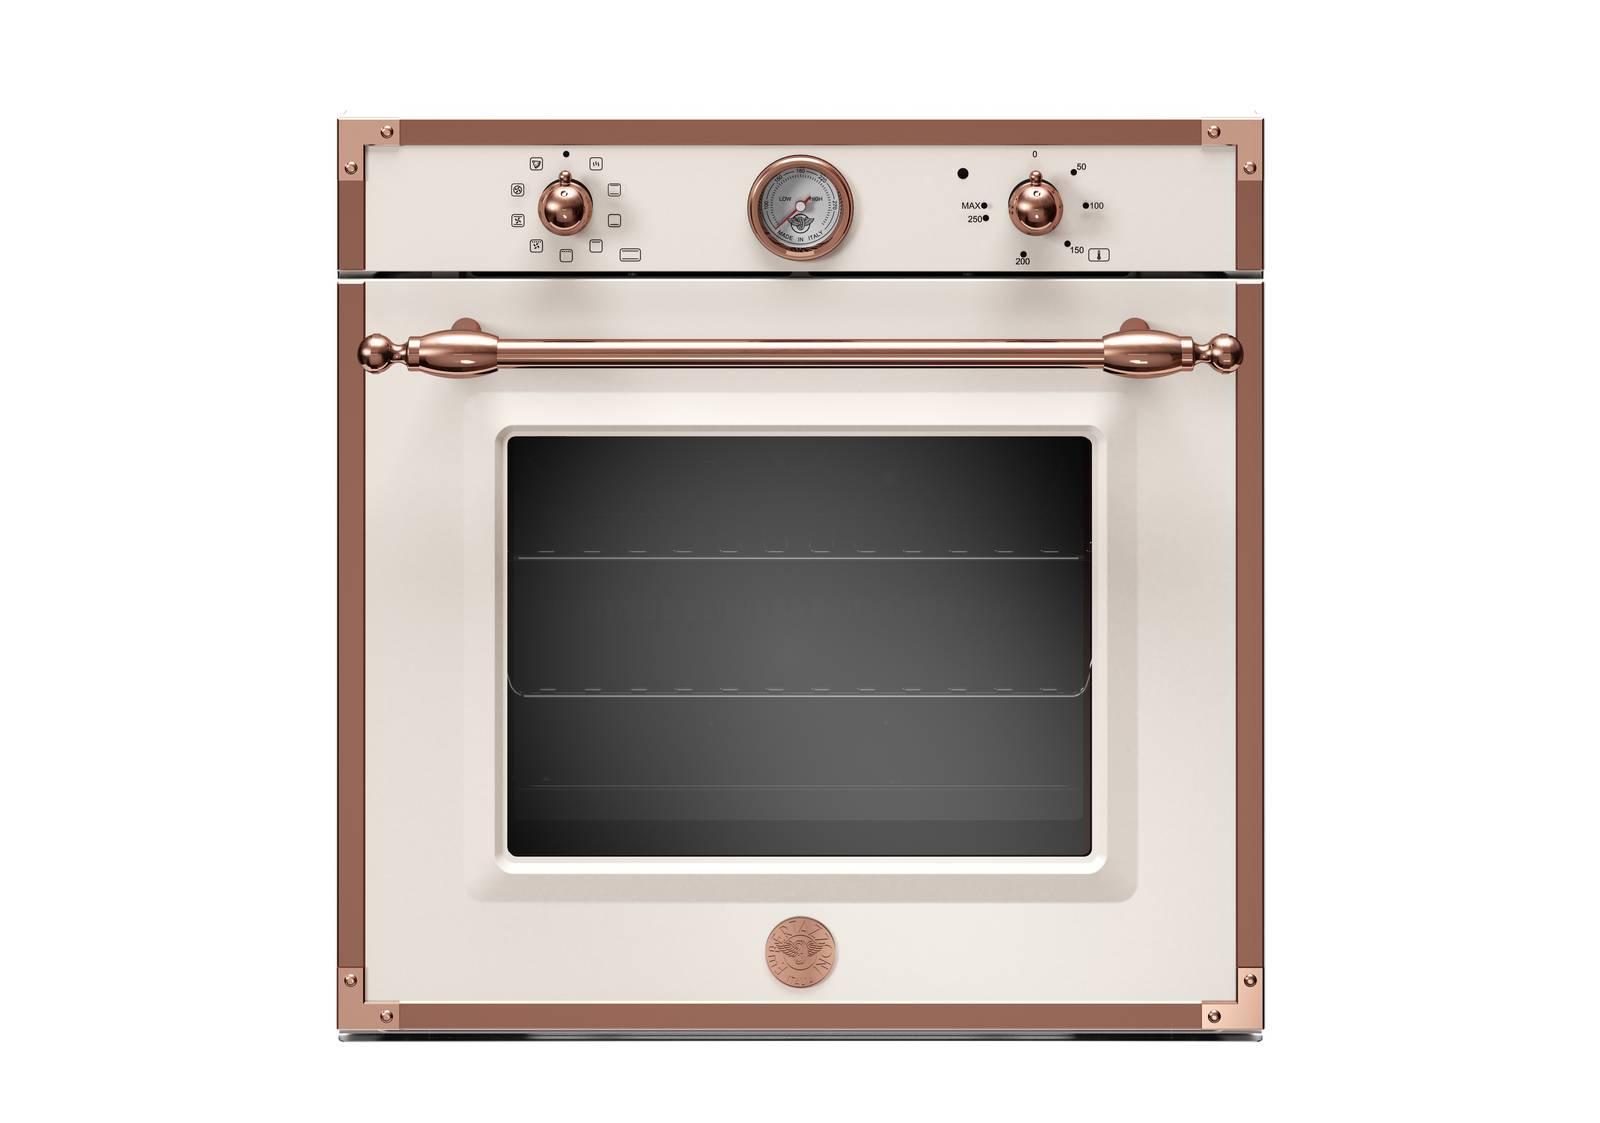 Cucine A Gas Stile Country Prezzi.Elettrodomestici In Stile Country Per La Cucina Di Gusto Retro Cose Di Casa